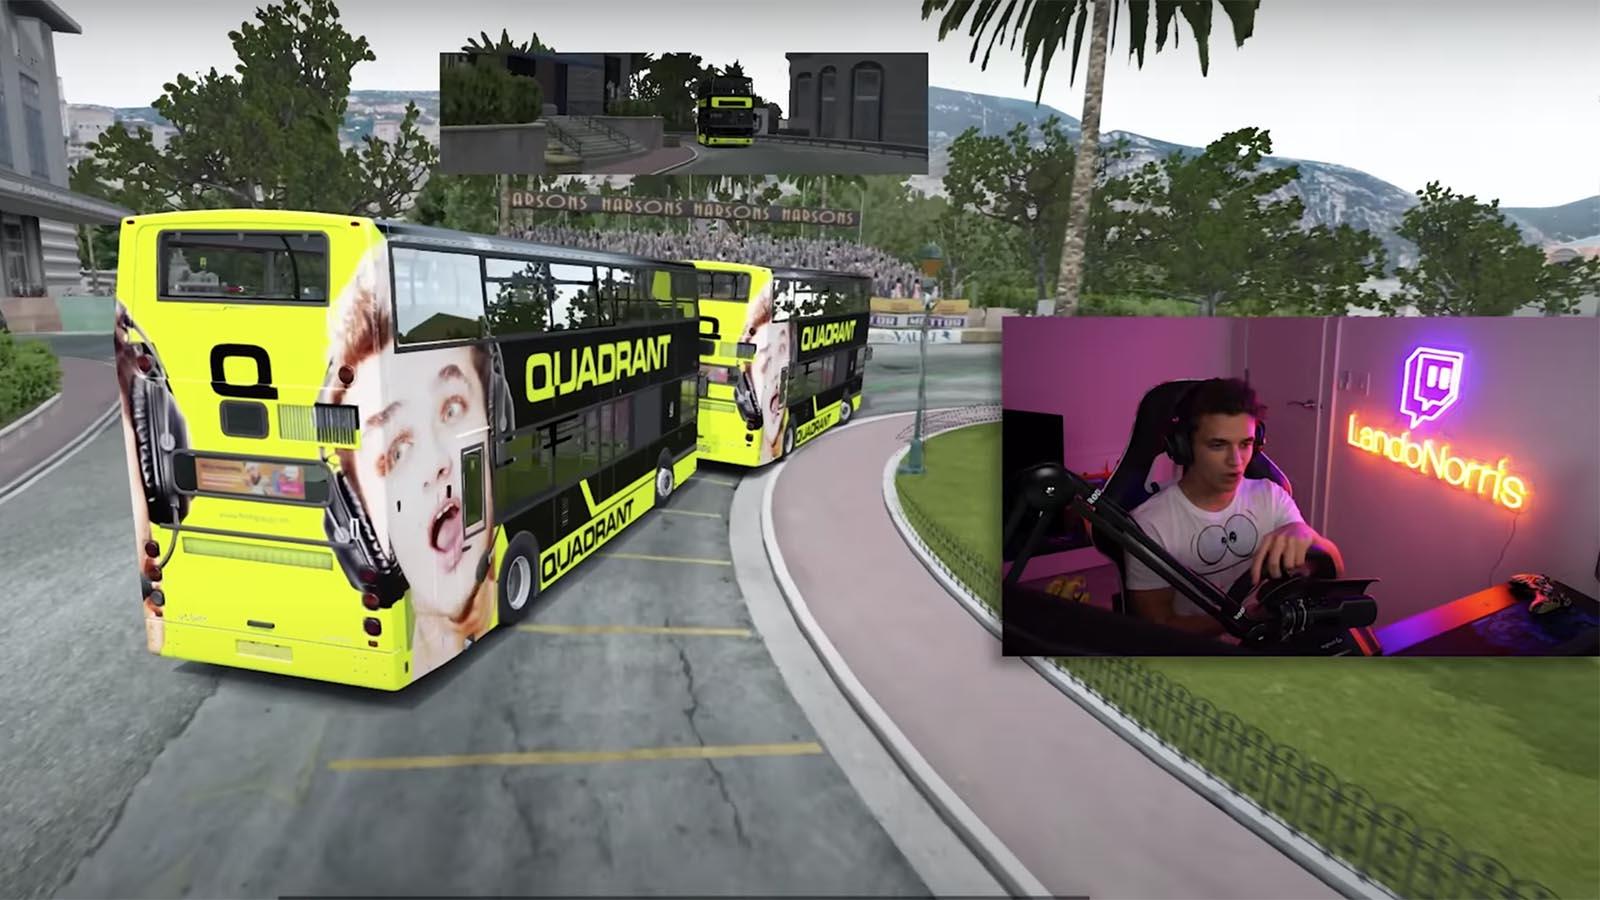 Lando Norris bus racing team quadrant